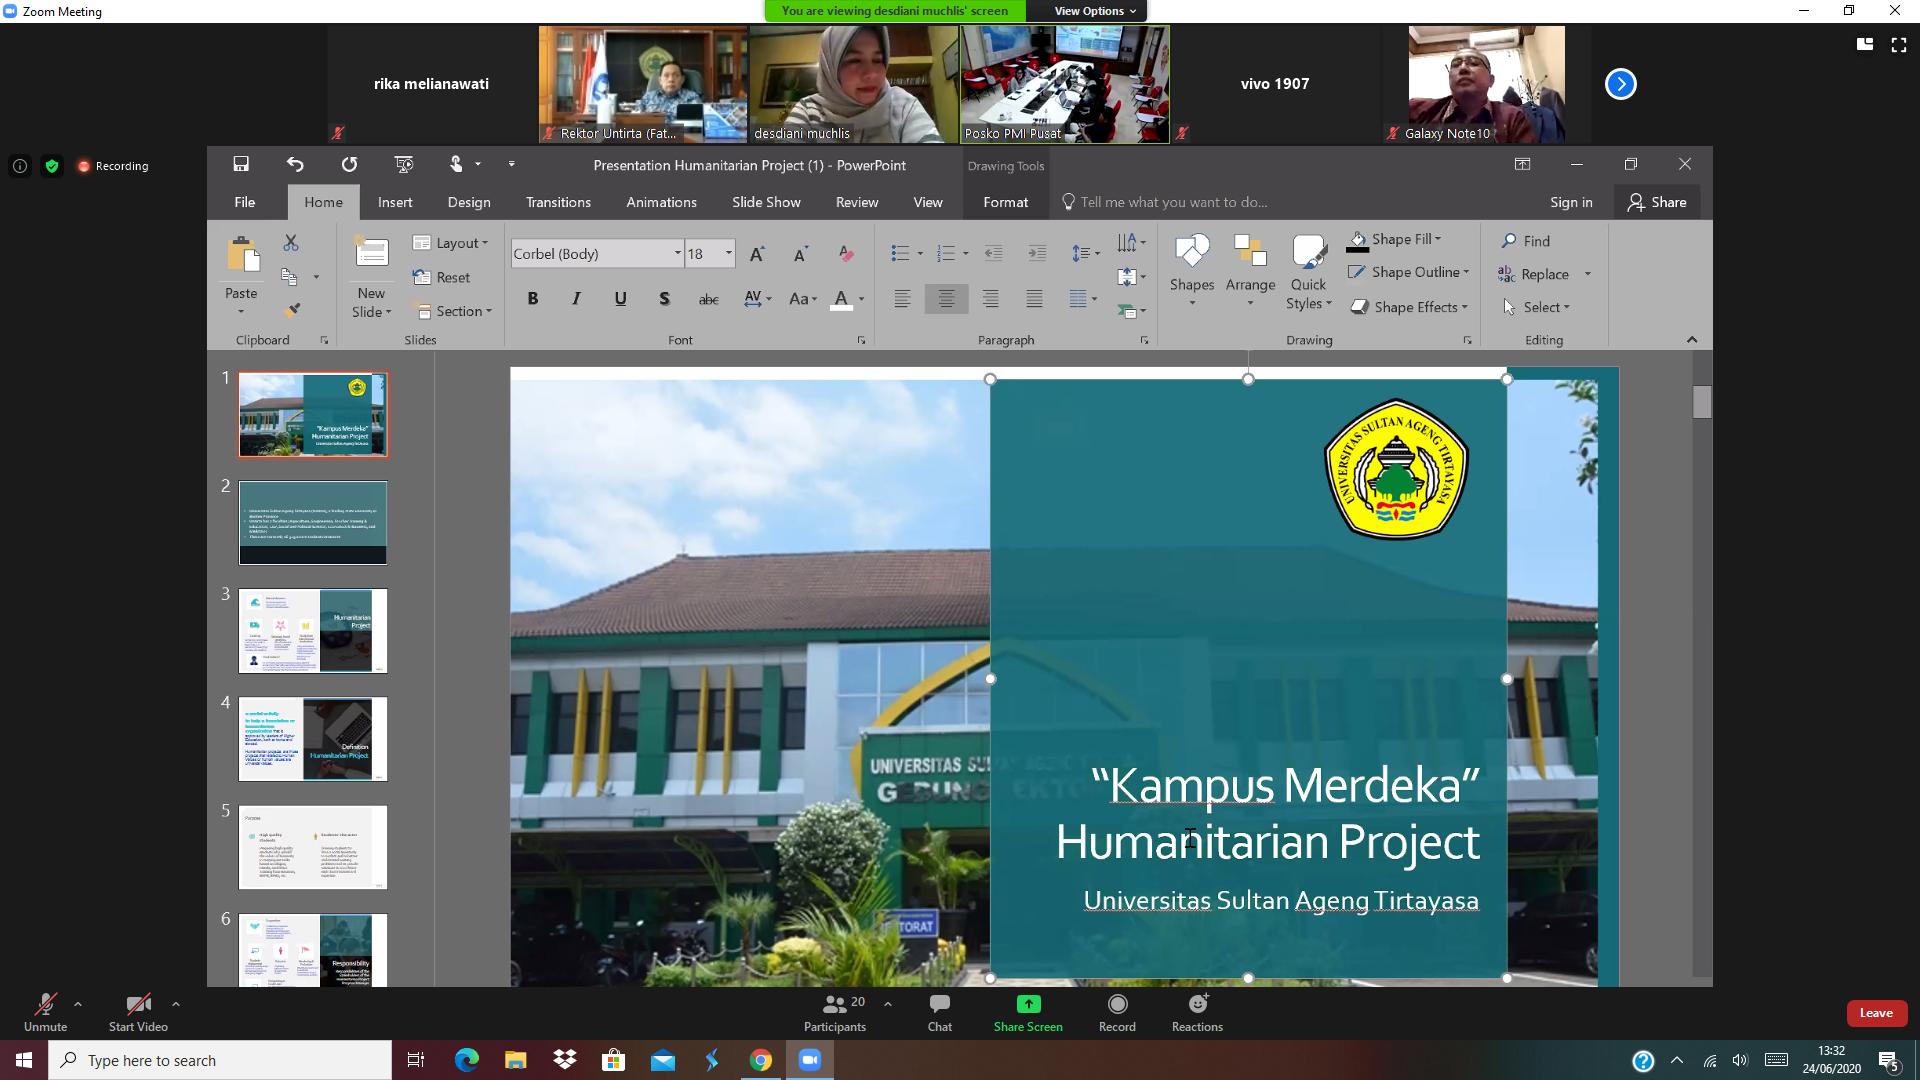 Dukung Program Kampus Merdeka, Untirta Lakukan Audiensi Proyek Kemanusiaan Bersama UNICEF Indonesia, WHO Indonesia, dan PMI Pusat